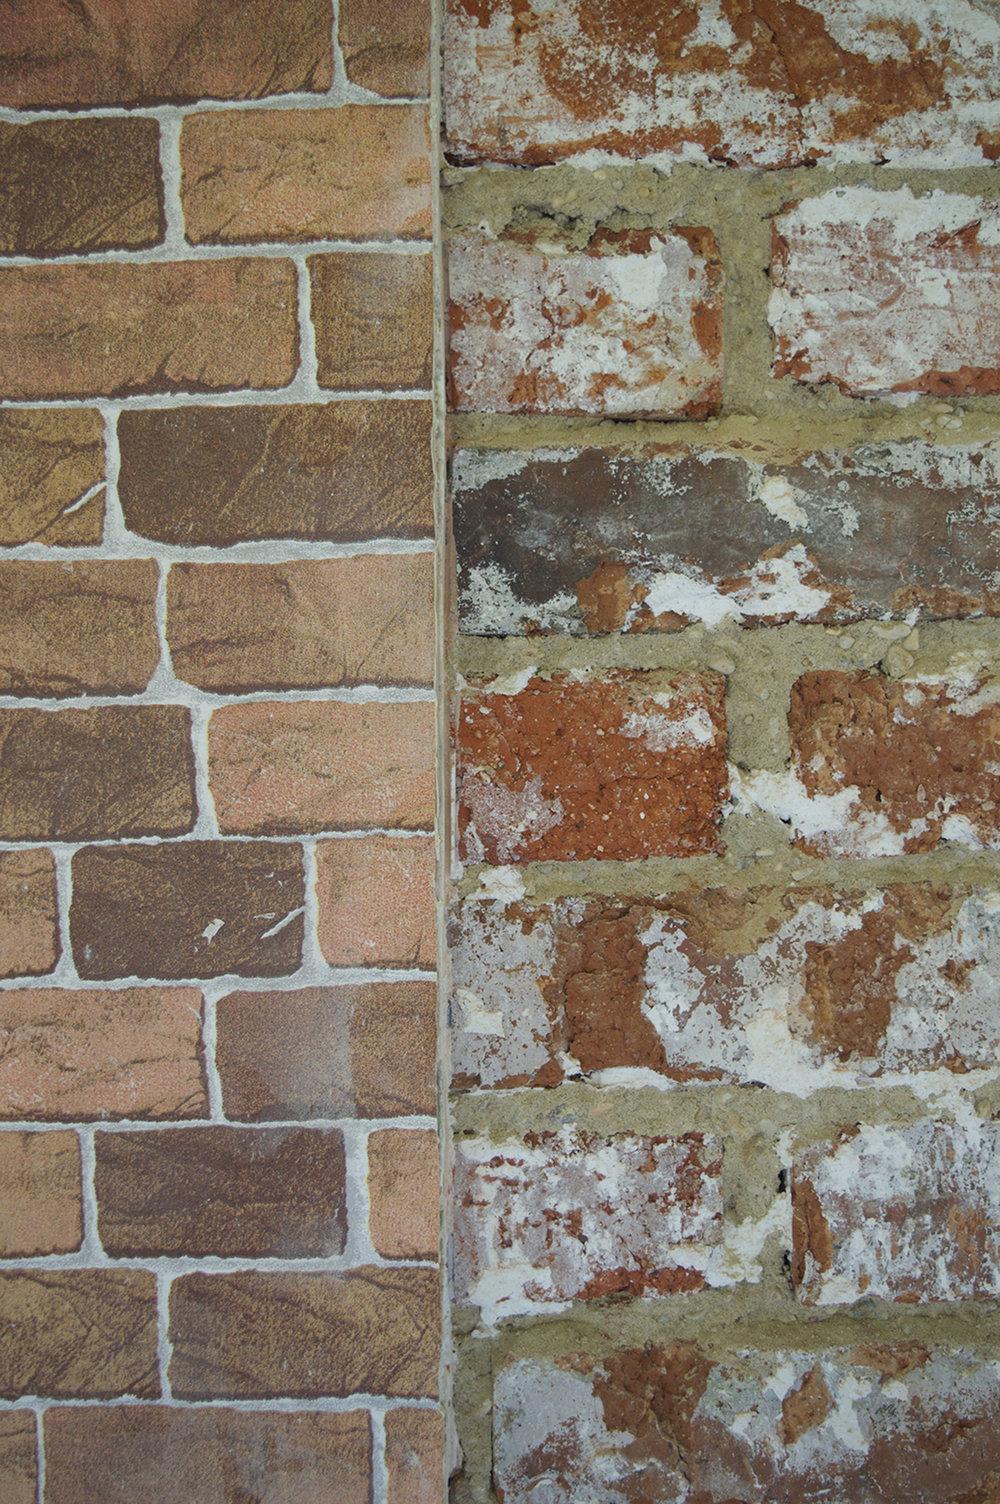 Brick versus Fakebrick